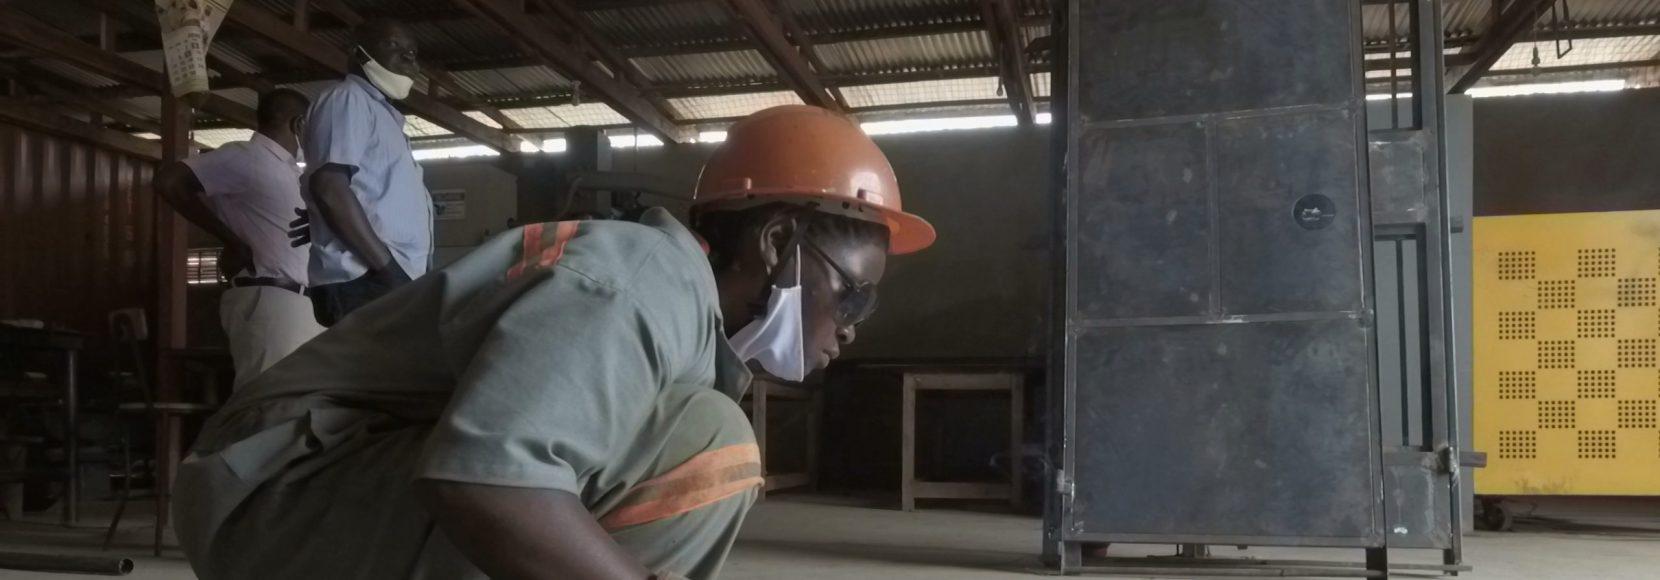 Moureen Nakisozi practices her welding skills outside of Kampala, Uganda